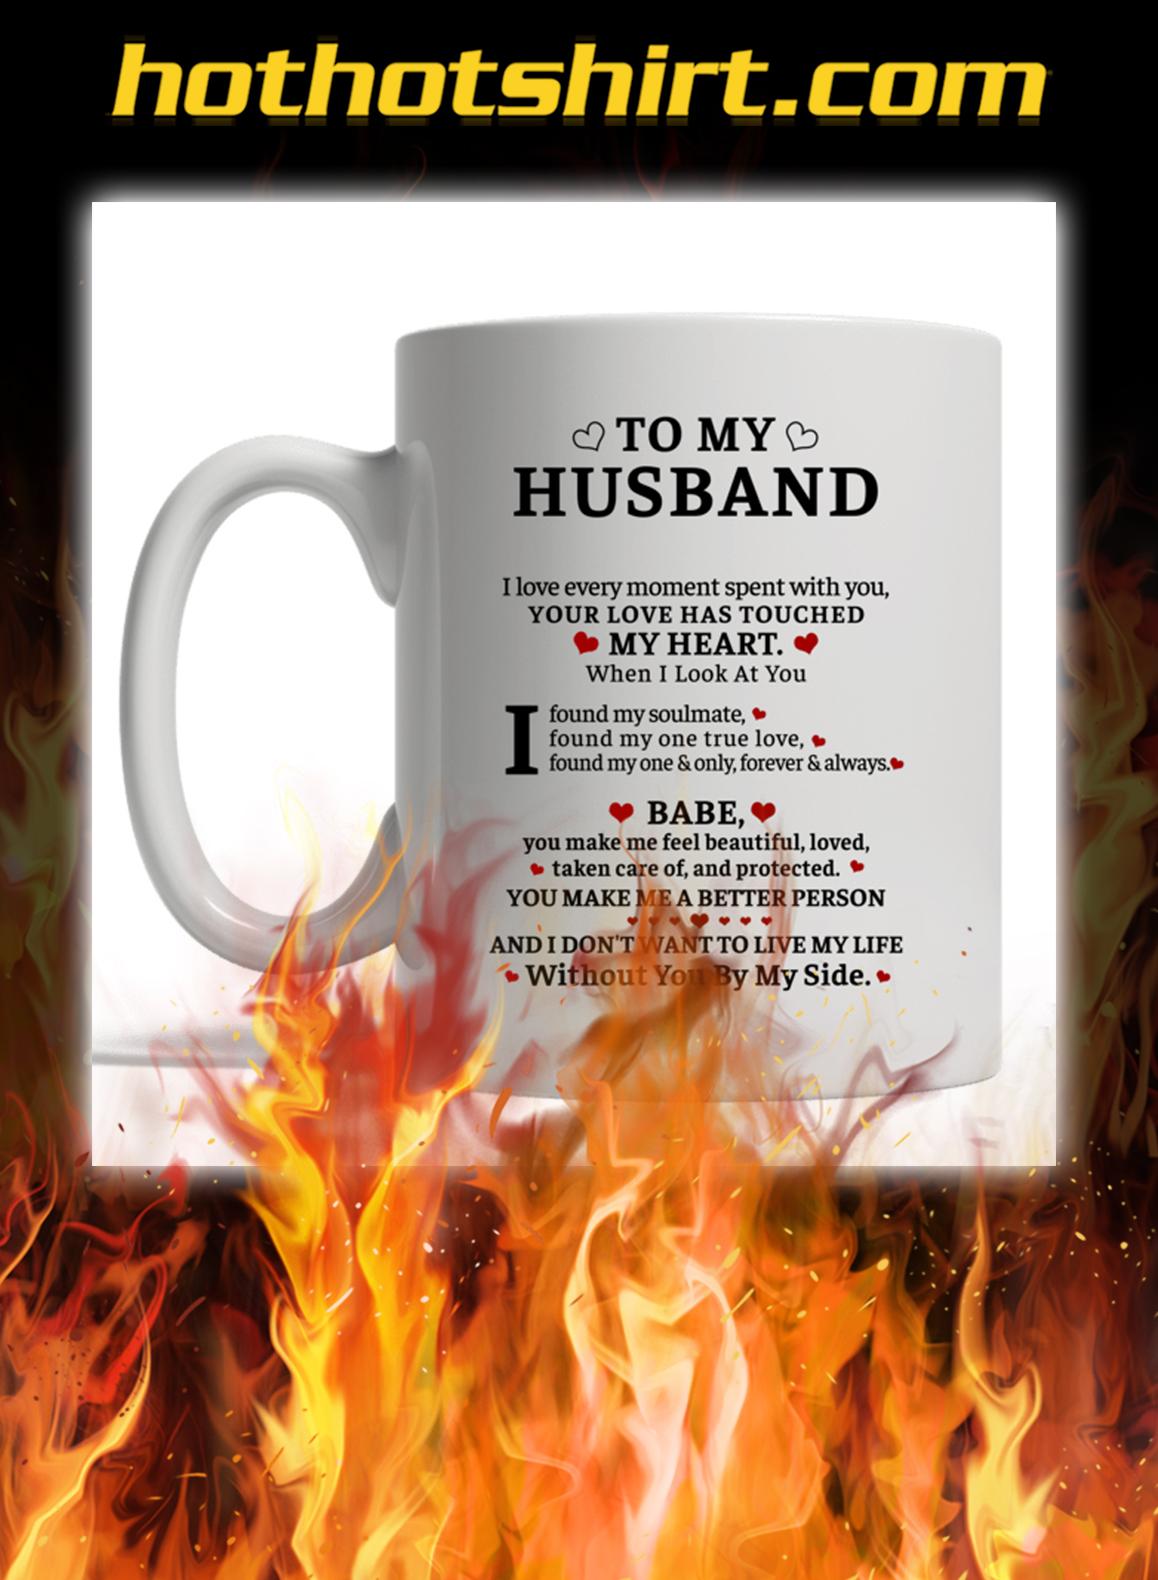 To my husband custom name mug - pic 1